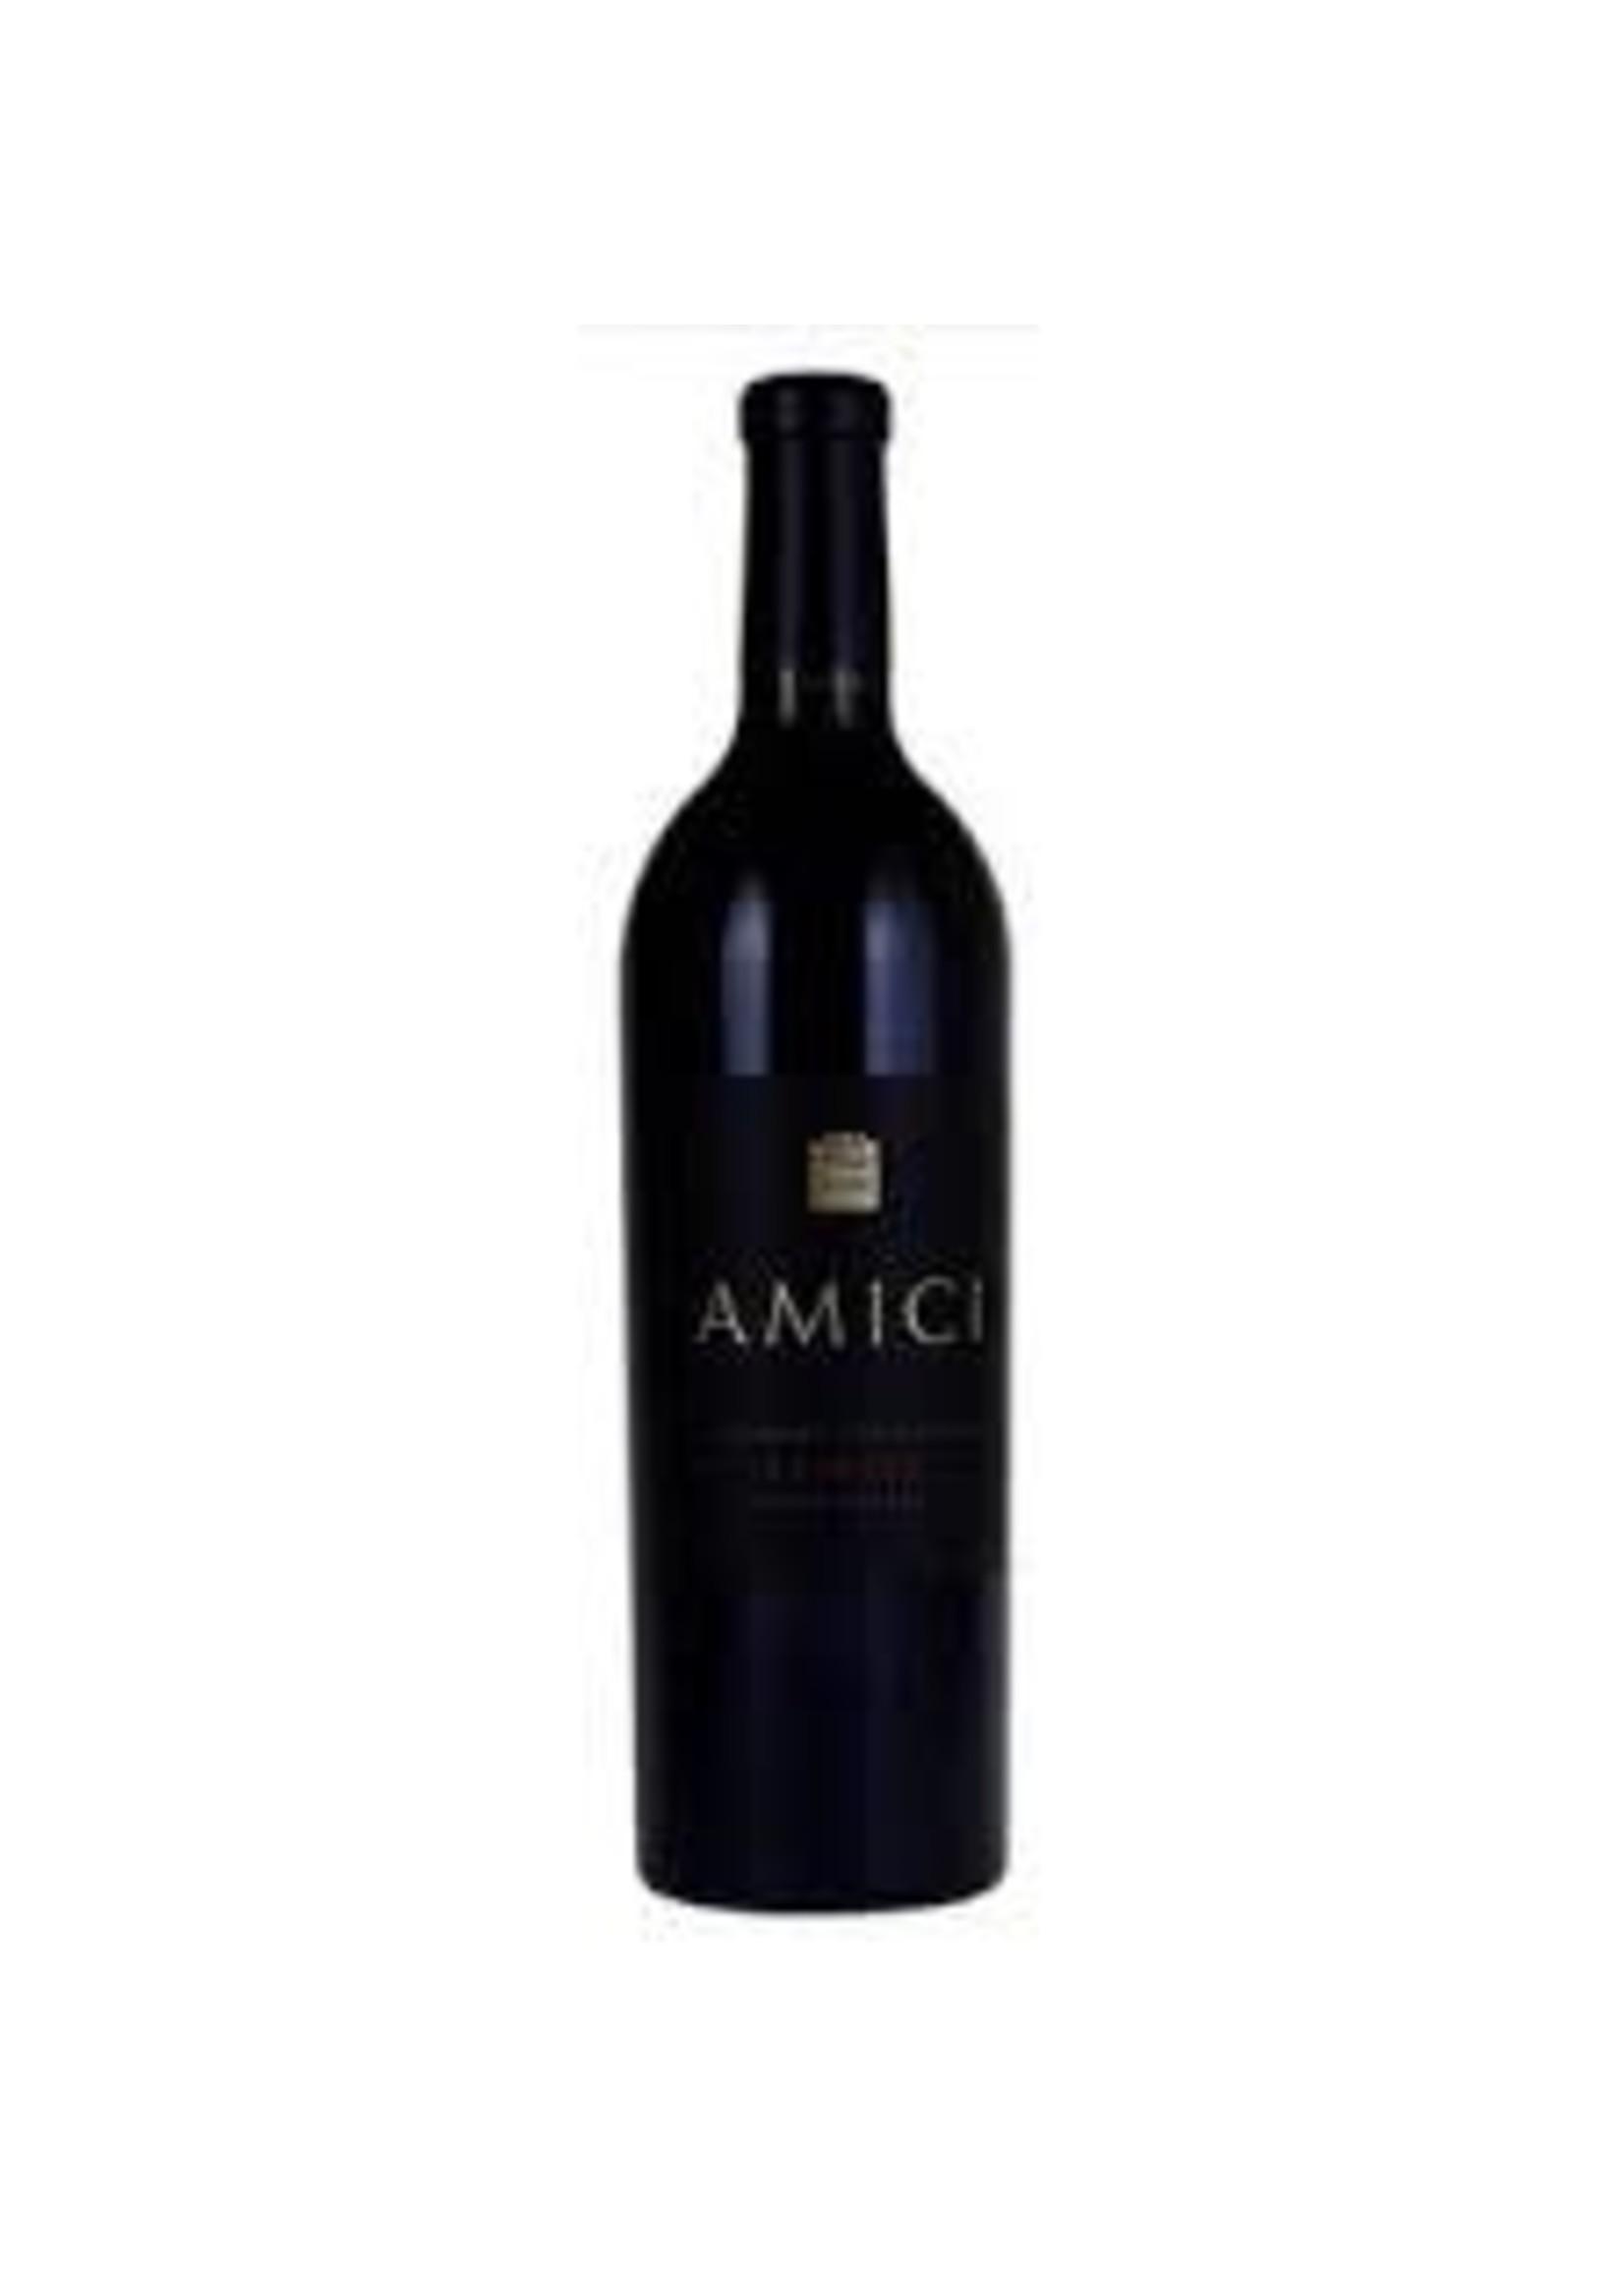 Amici 2018 Reserve Cabernet Sauvignon 750ml